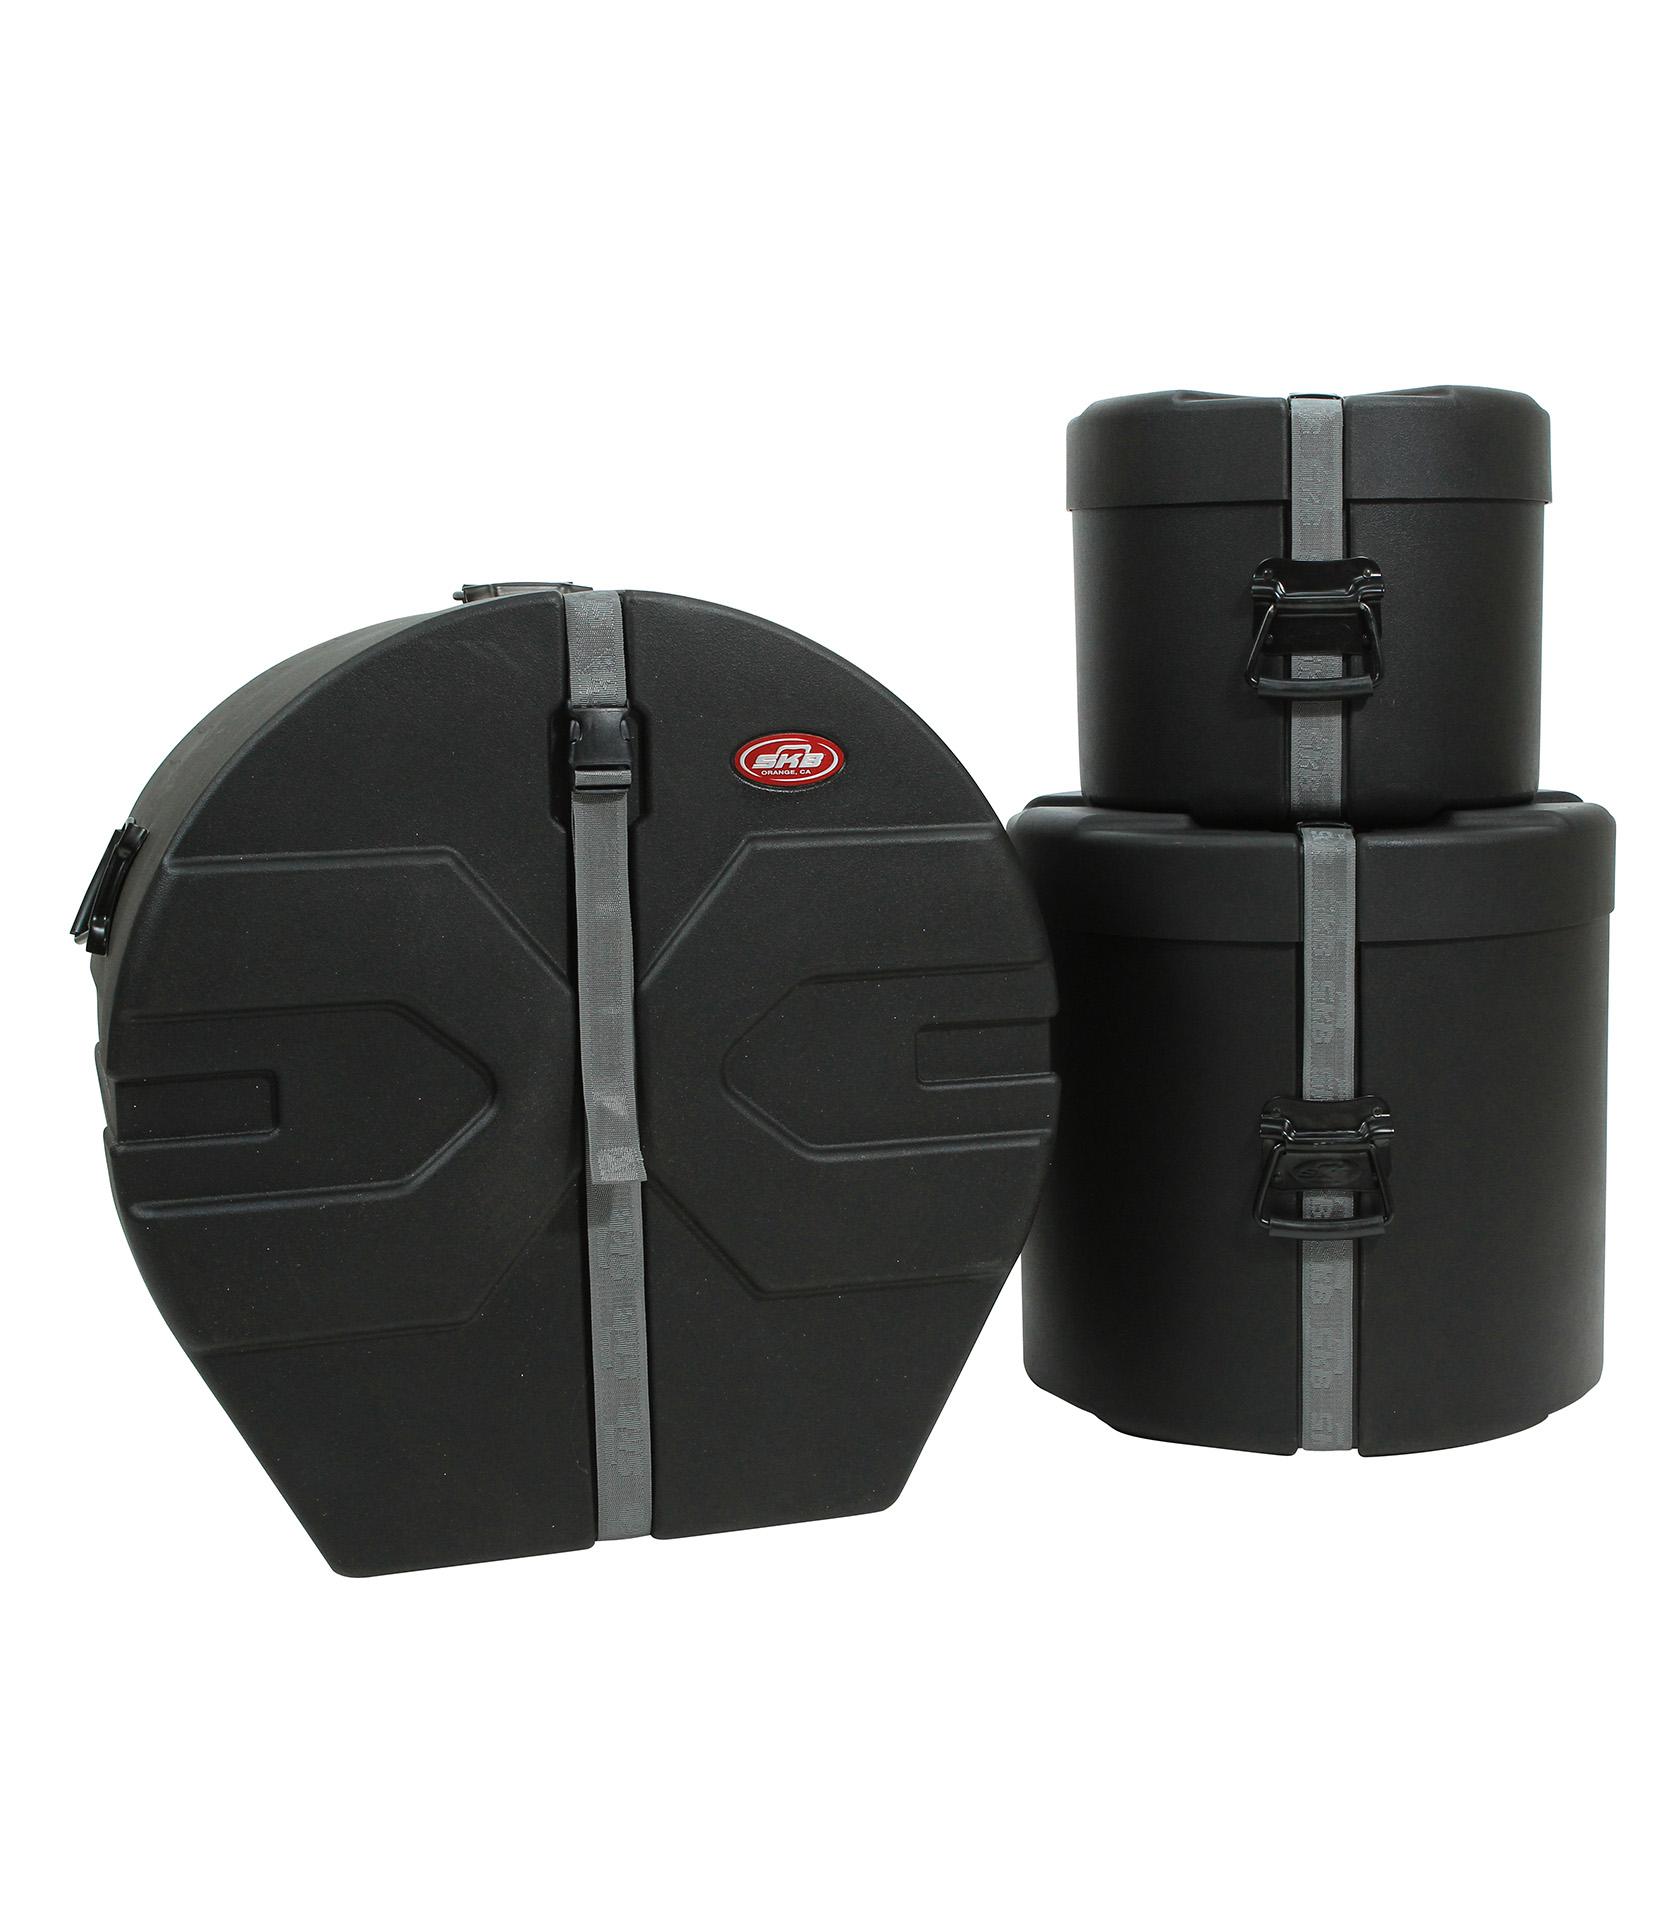 buy skb 1skb drp2 drum package 2 includesd1822 d1012